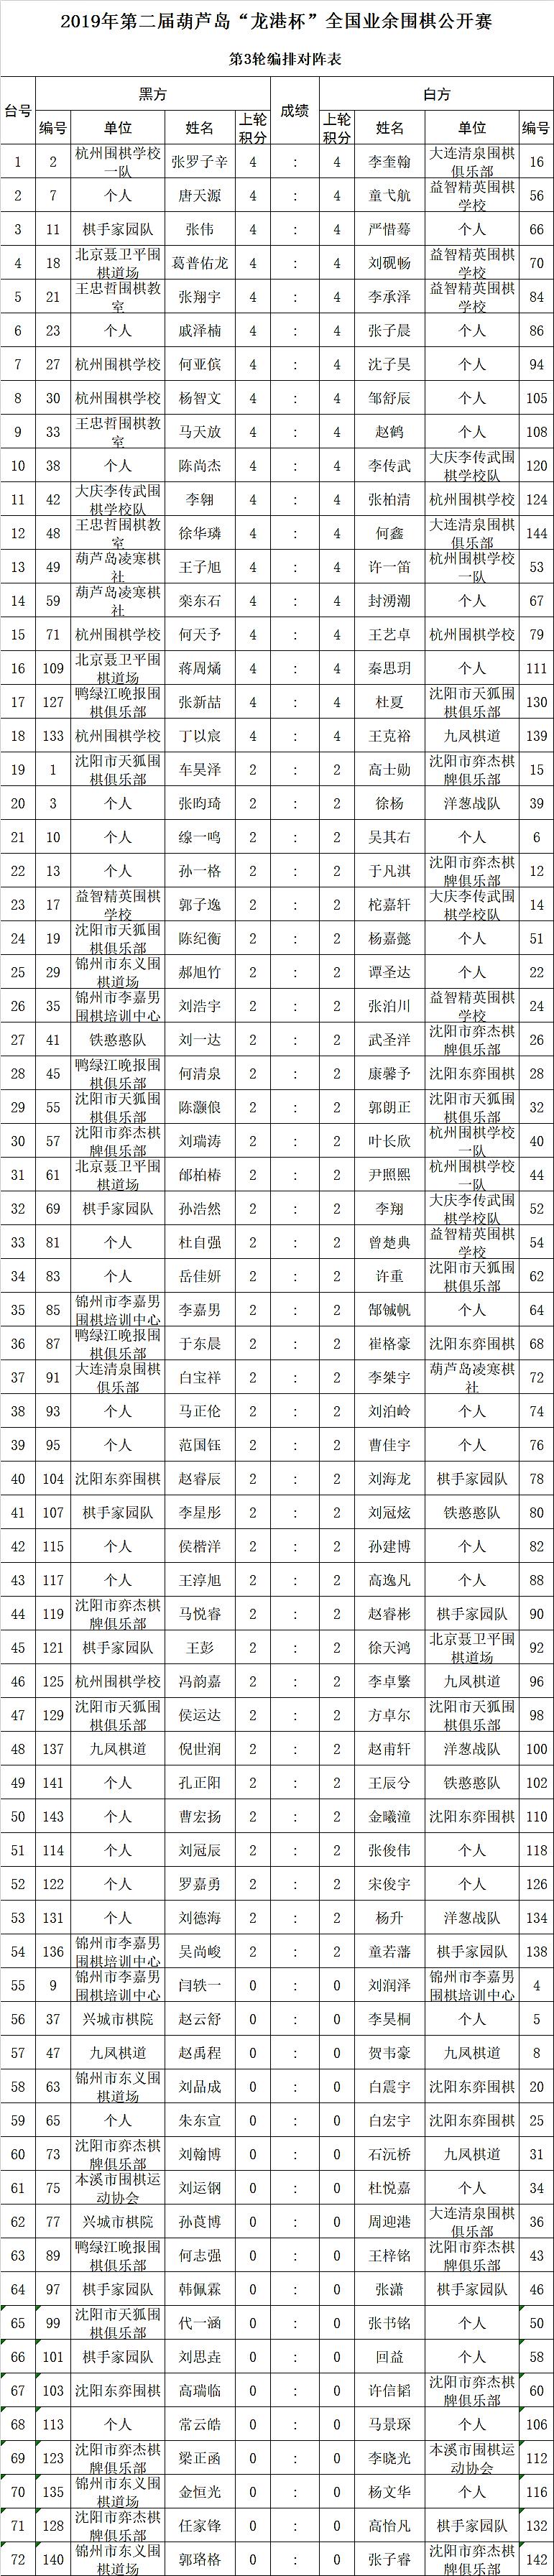 第2届龙港杯第三轮.png